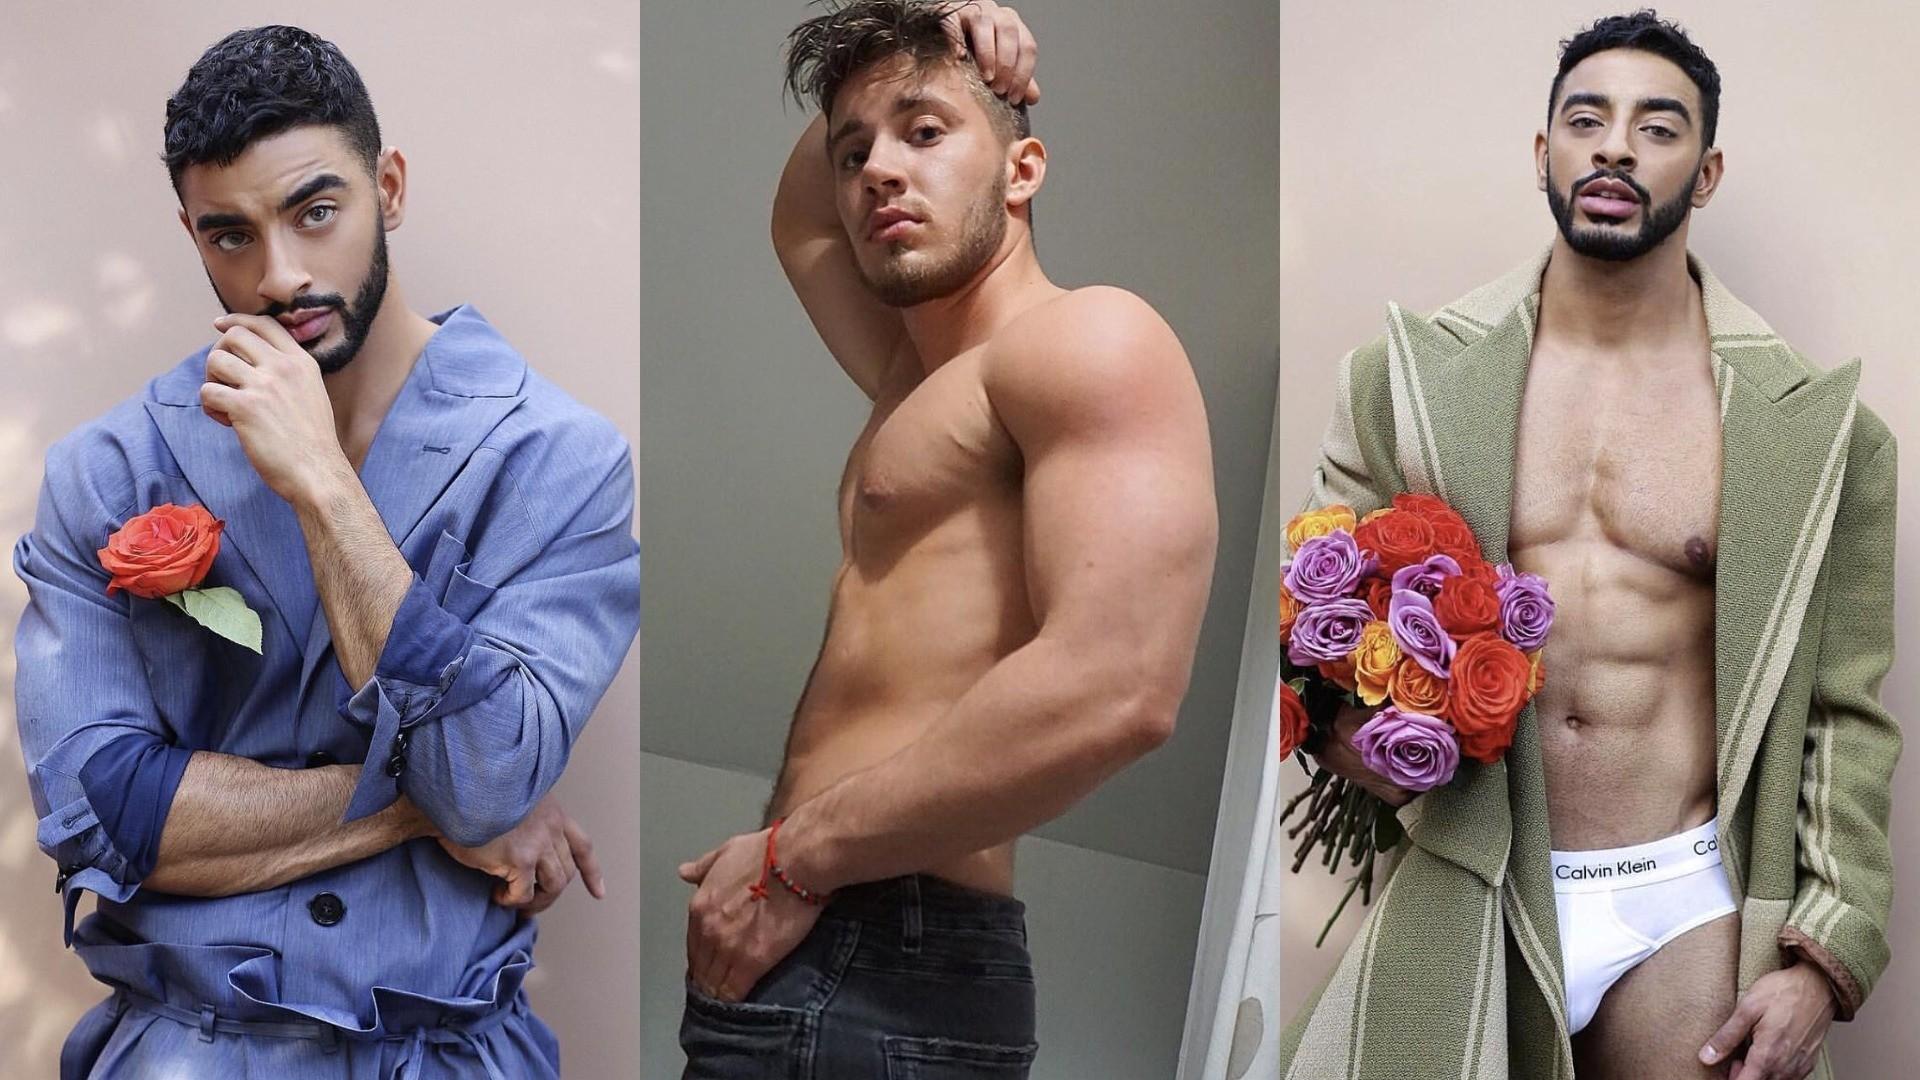 Будь мужиком: истории трансгендеров, которые родились женщинами